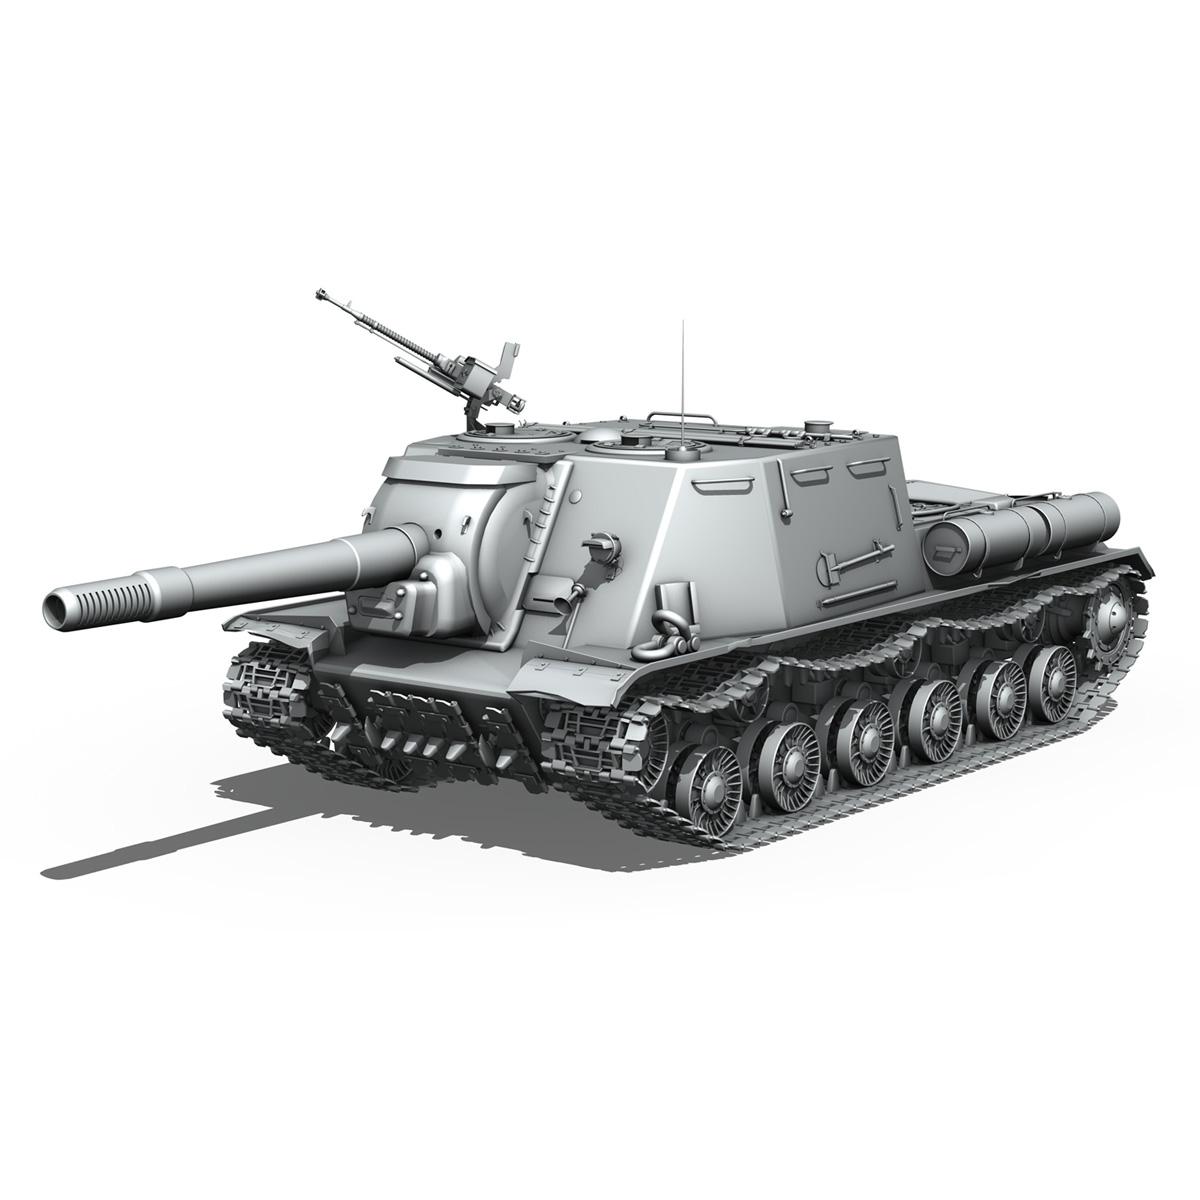 isu 152 soviet heavy self propelled gun v2 3d model 3ds fbx c4d lwo obj 188875